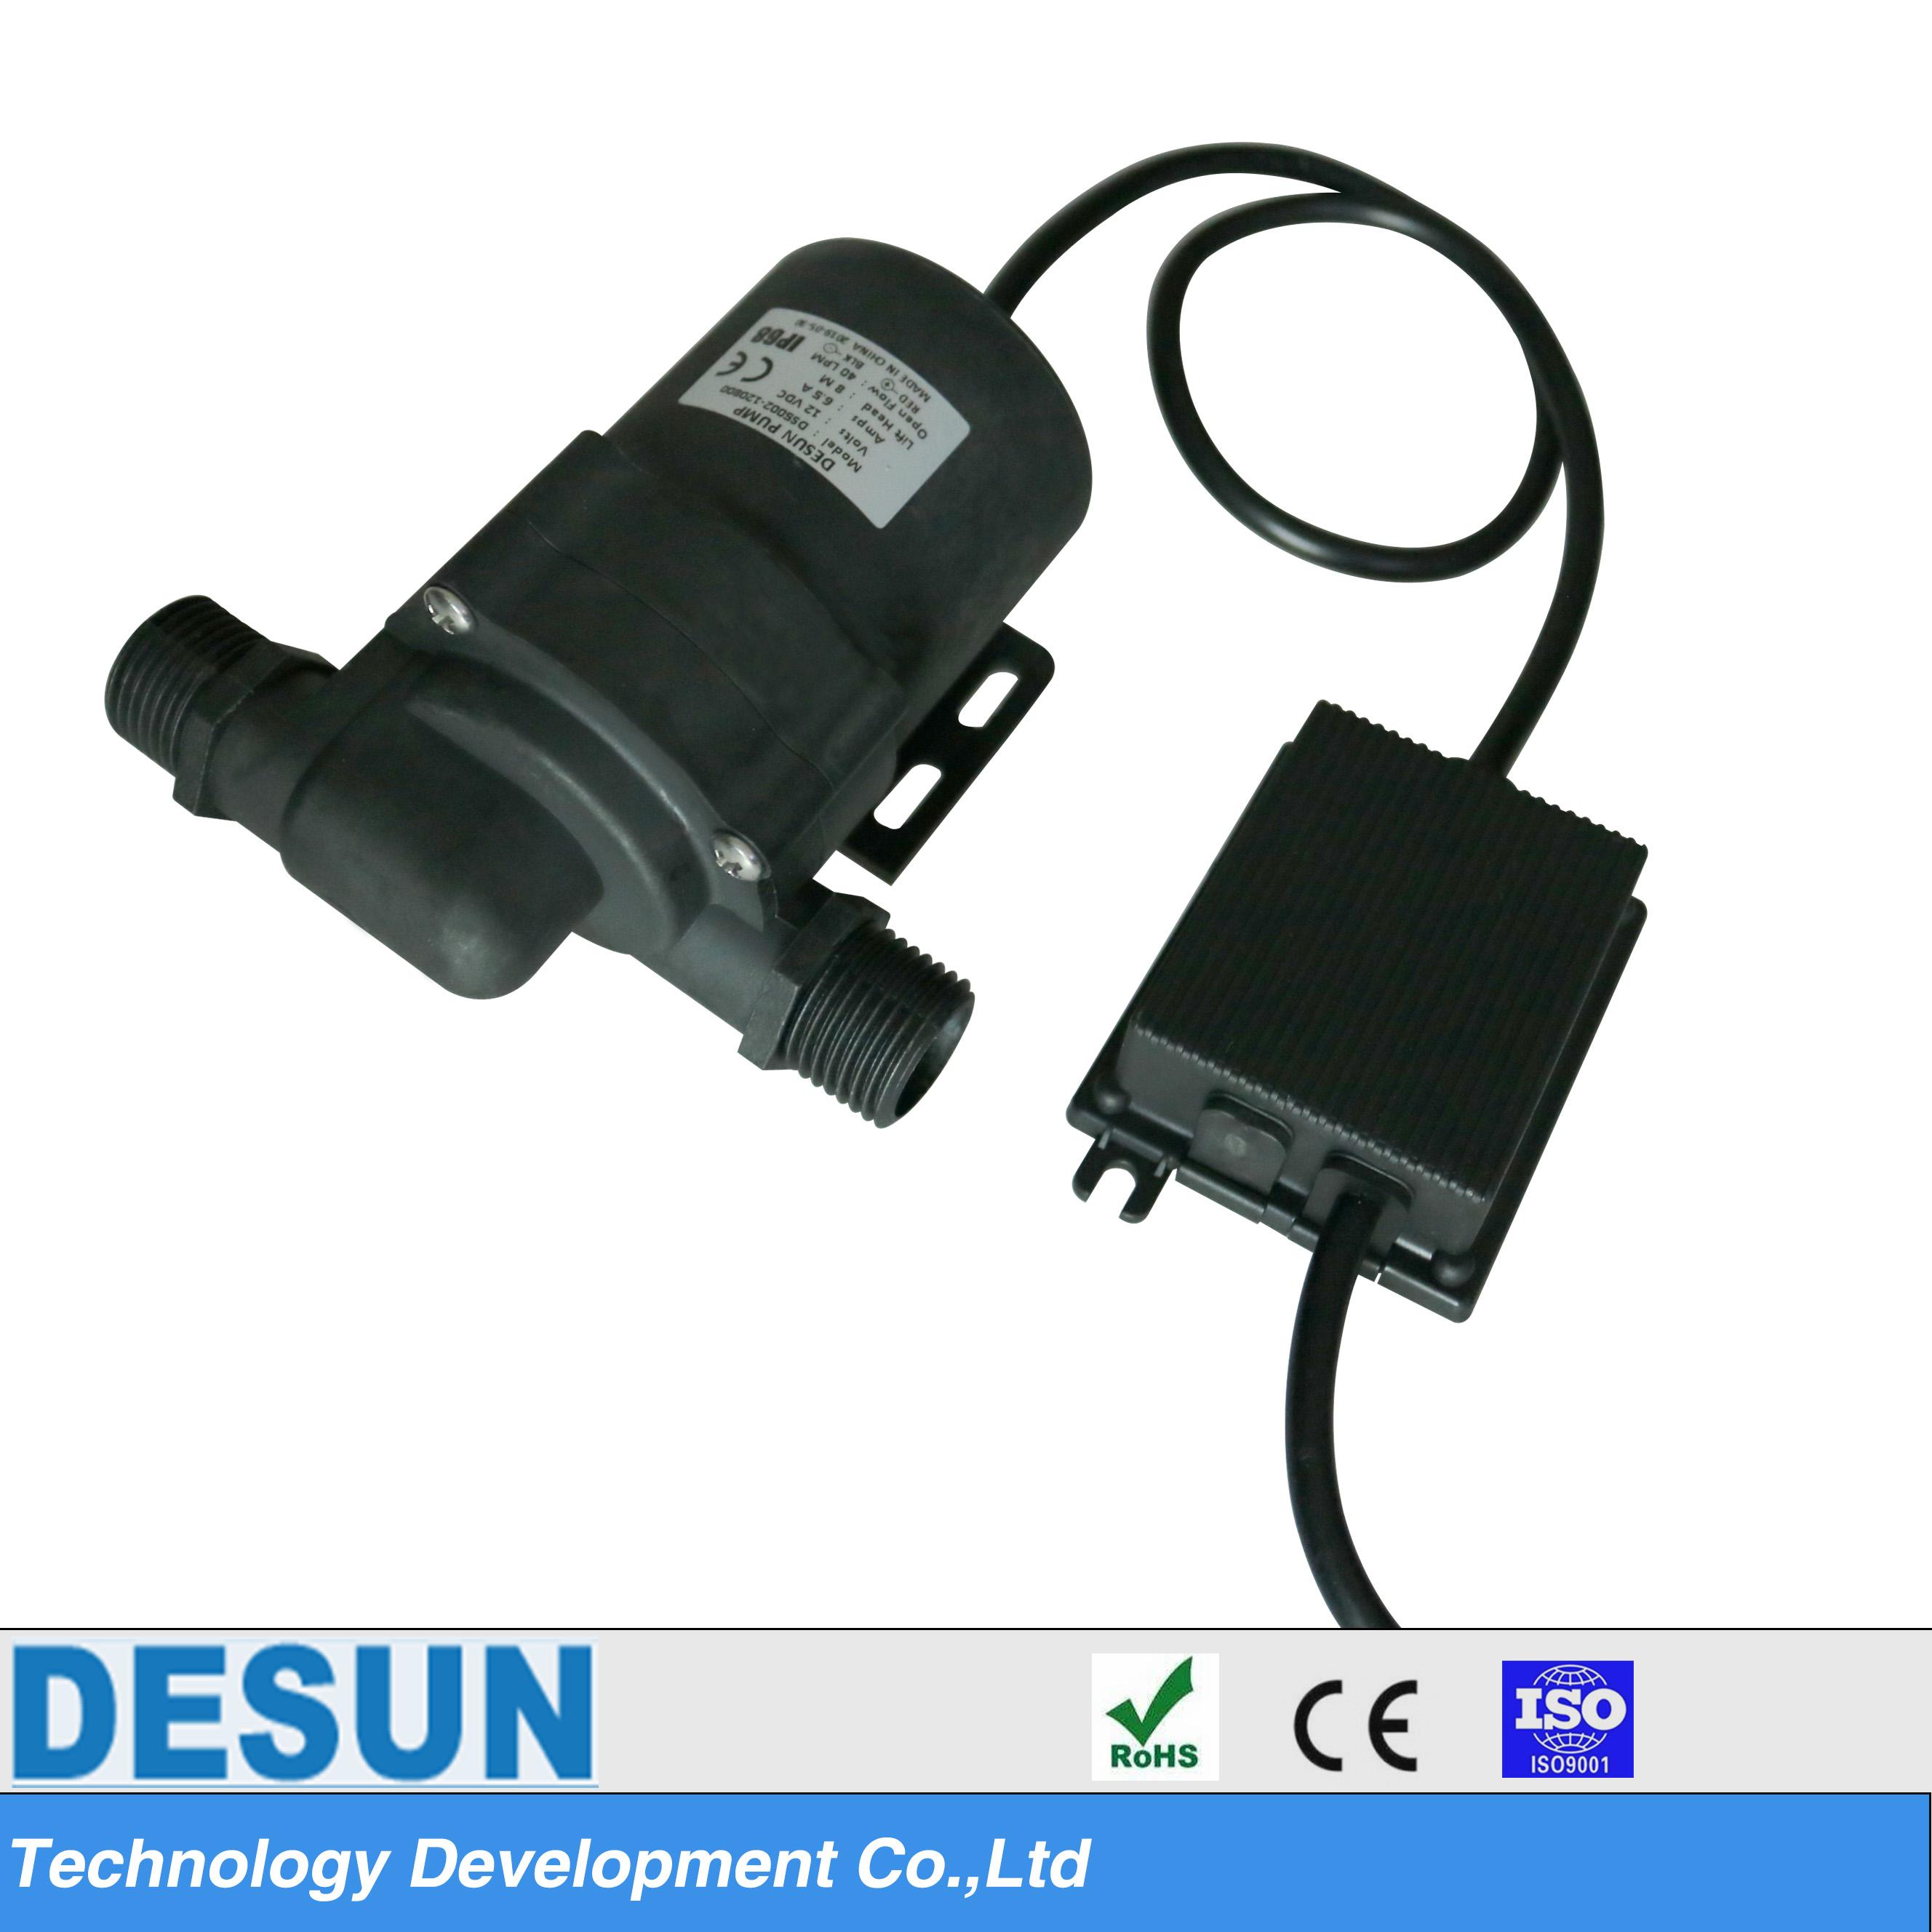 三相调速微型汽车电子水泵DS5002